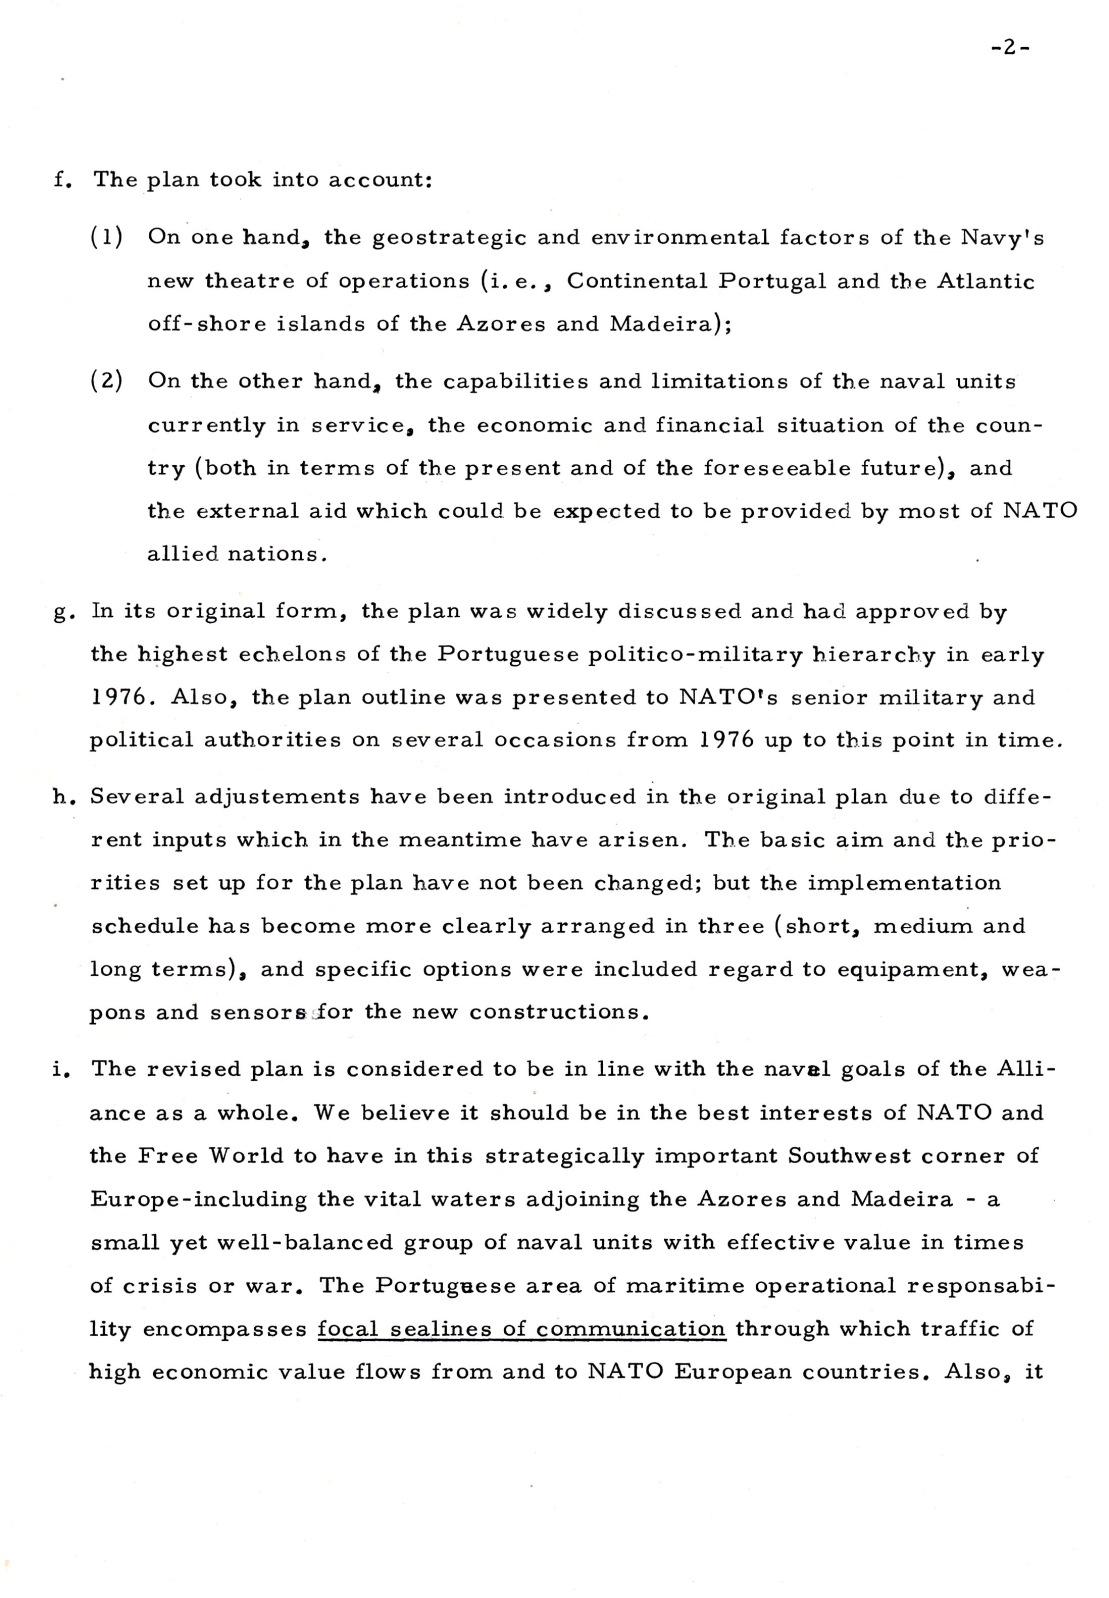 00873 977-12-12 Briefing do CAlm Nunes da Silva ao Sub Secretário da Defesa dos EUA Mr Sienna sobre o meu plano naval -pg 2